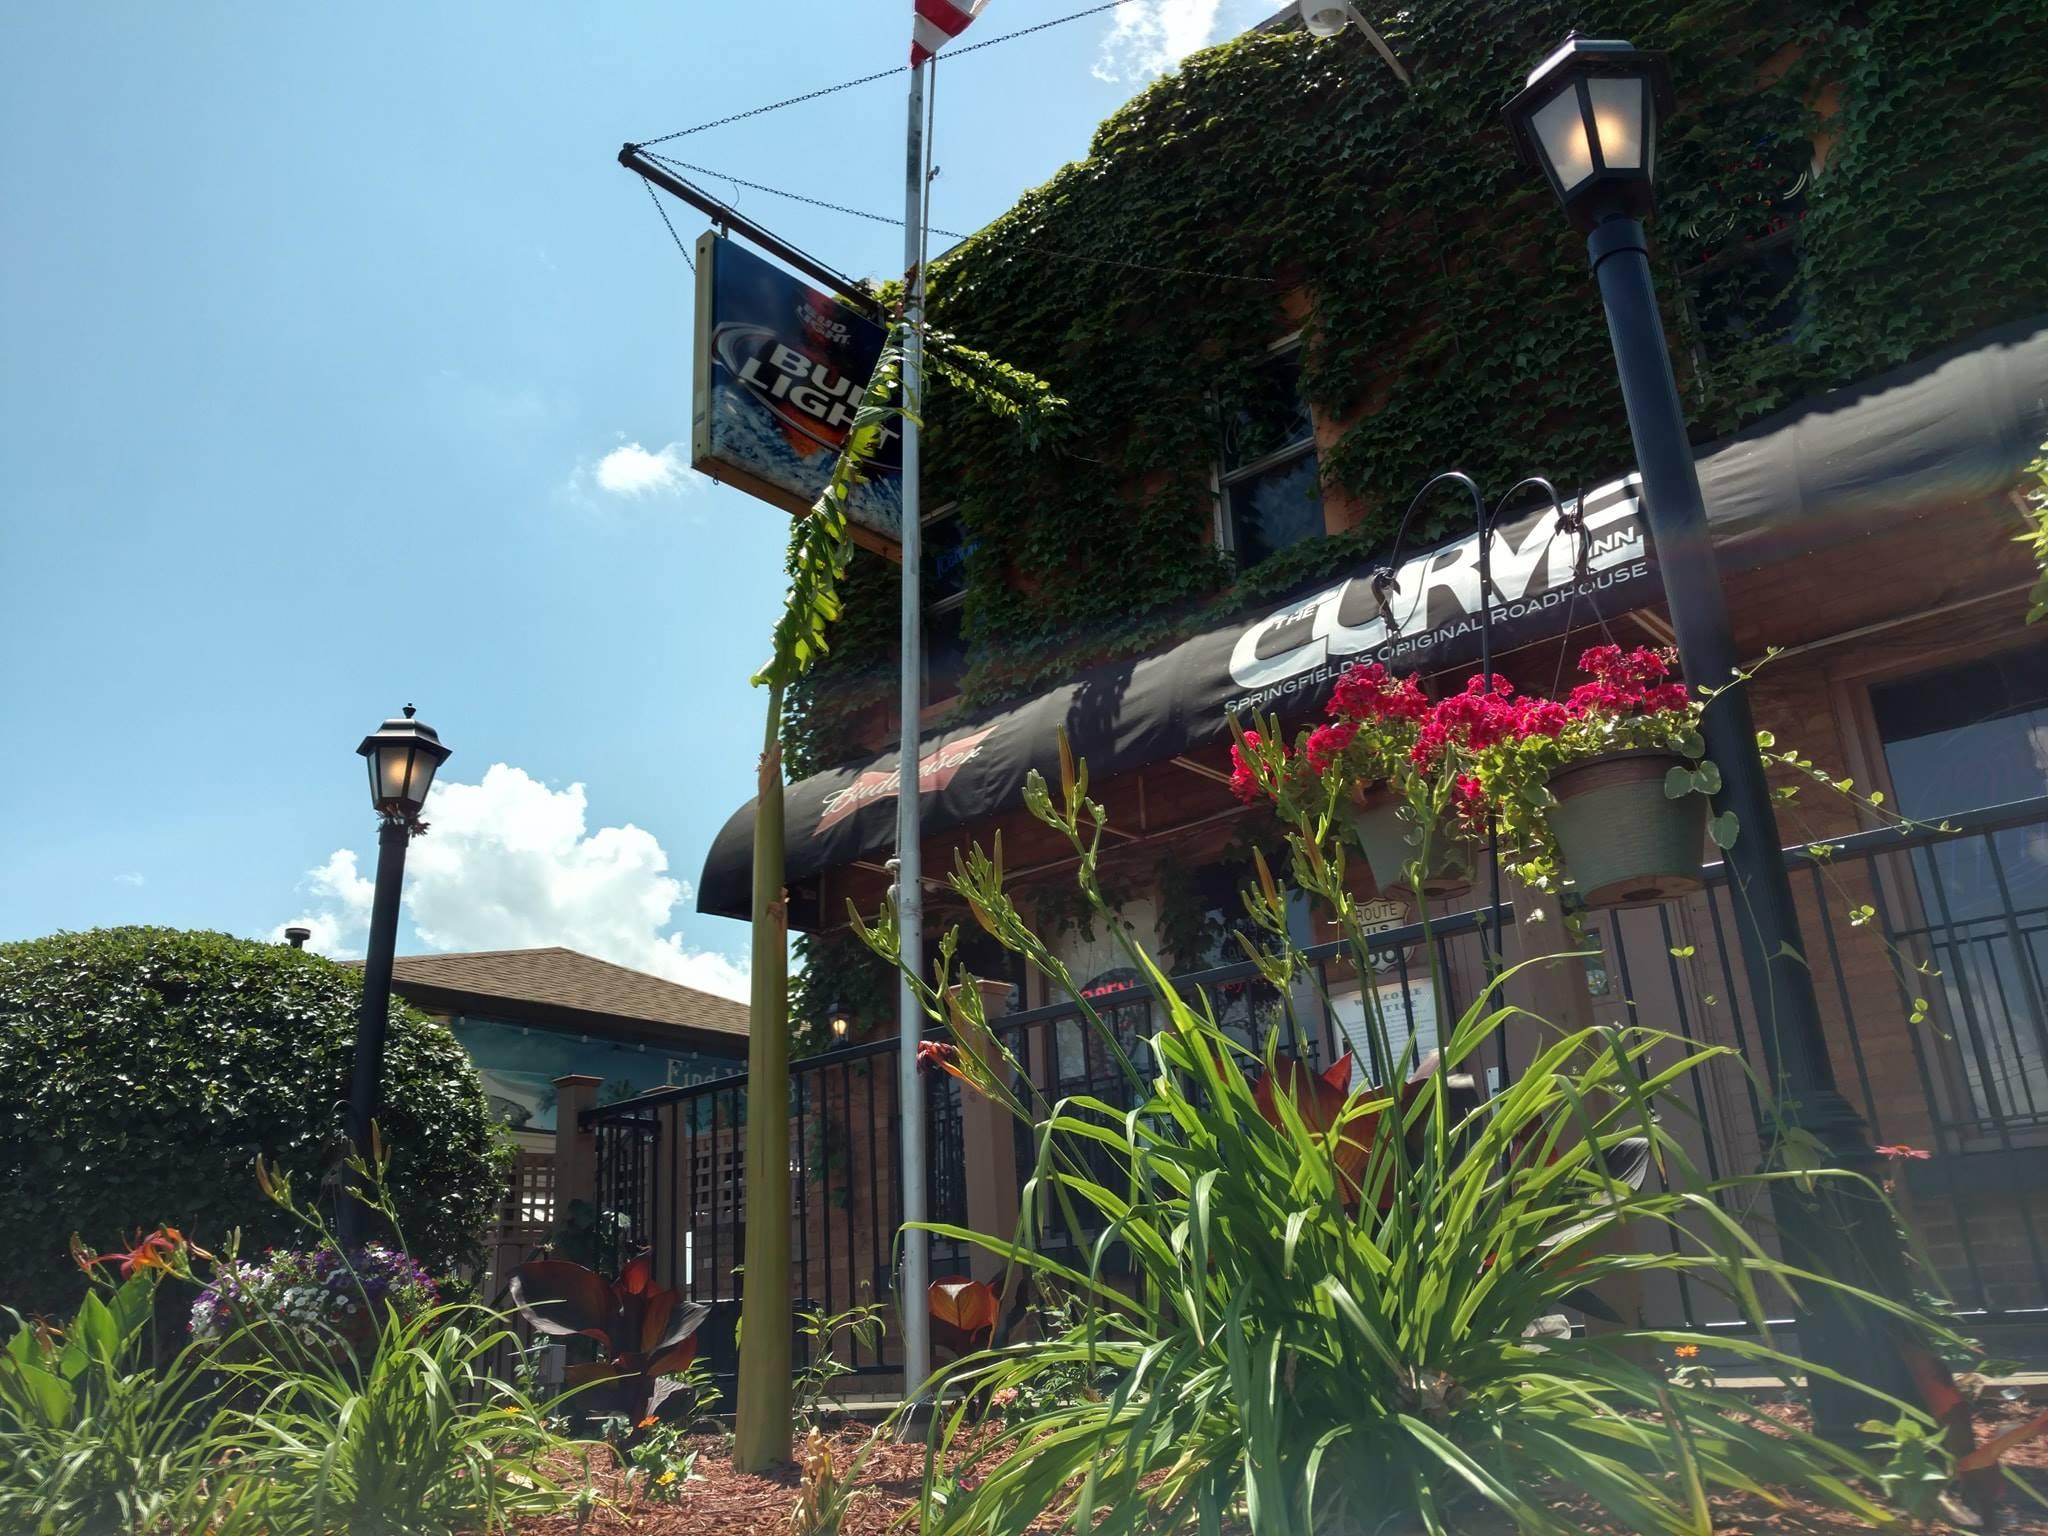 The Curve Inn